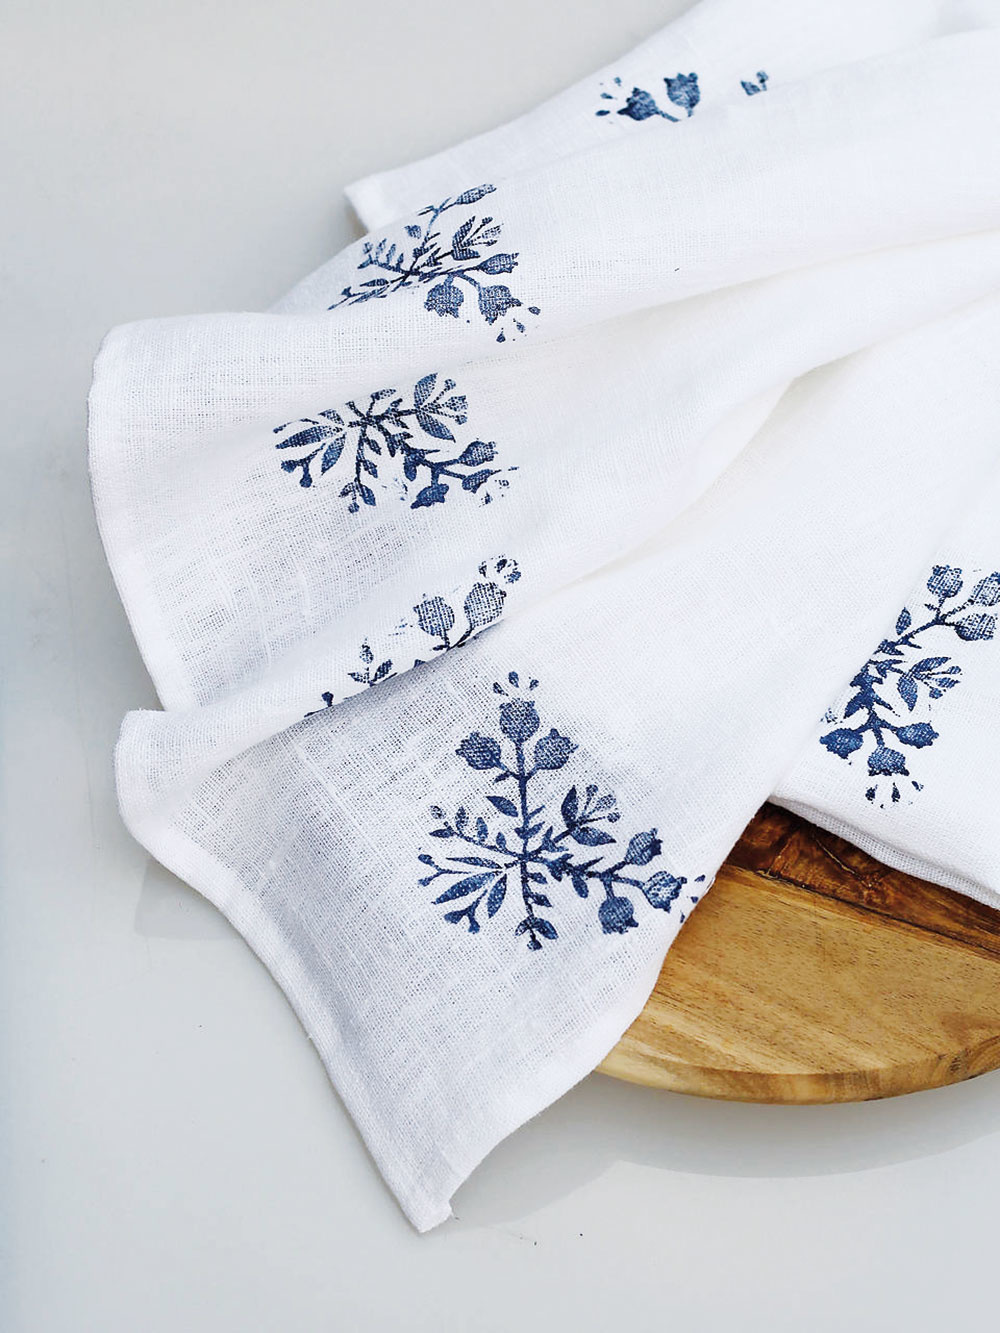 Utierky spotlačou, zkolekcie čučoriedkový folk, ručne vyrobené, maľované, ľan, 44 × 65 cm, 26 €/2 ks, www.sashe.sk/BluberyHome